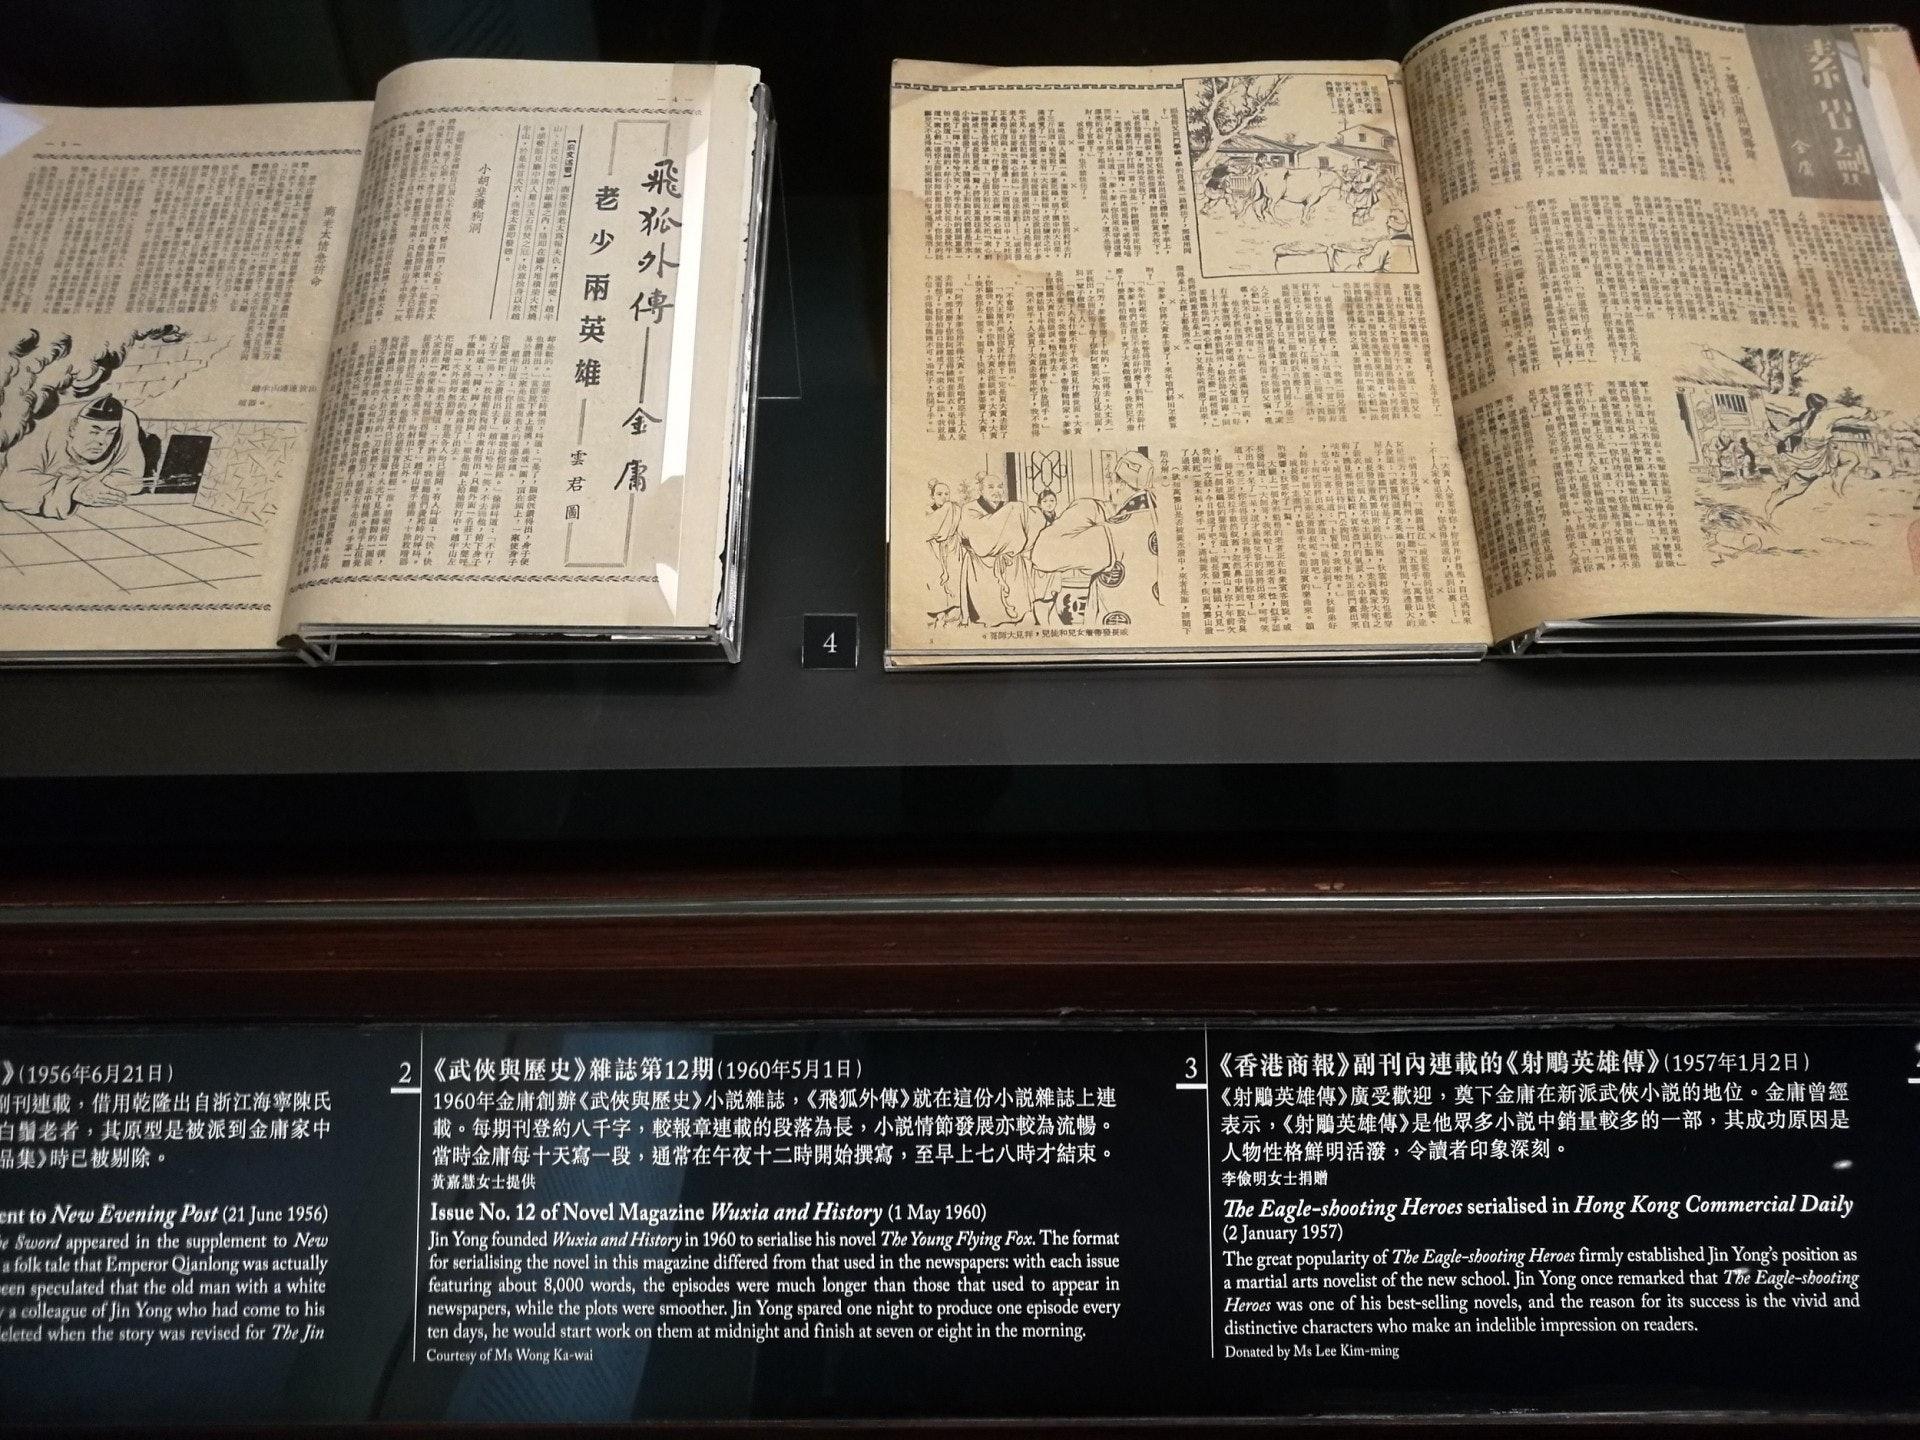 50及60年代報刊登金庸小說連載的報章雜誌,香港報章從前只報導新聞,金庸先生創立明報後向文人邀稿,令香港報章副刊熱鬧起來。(VCG)